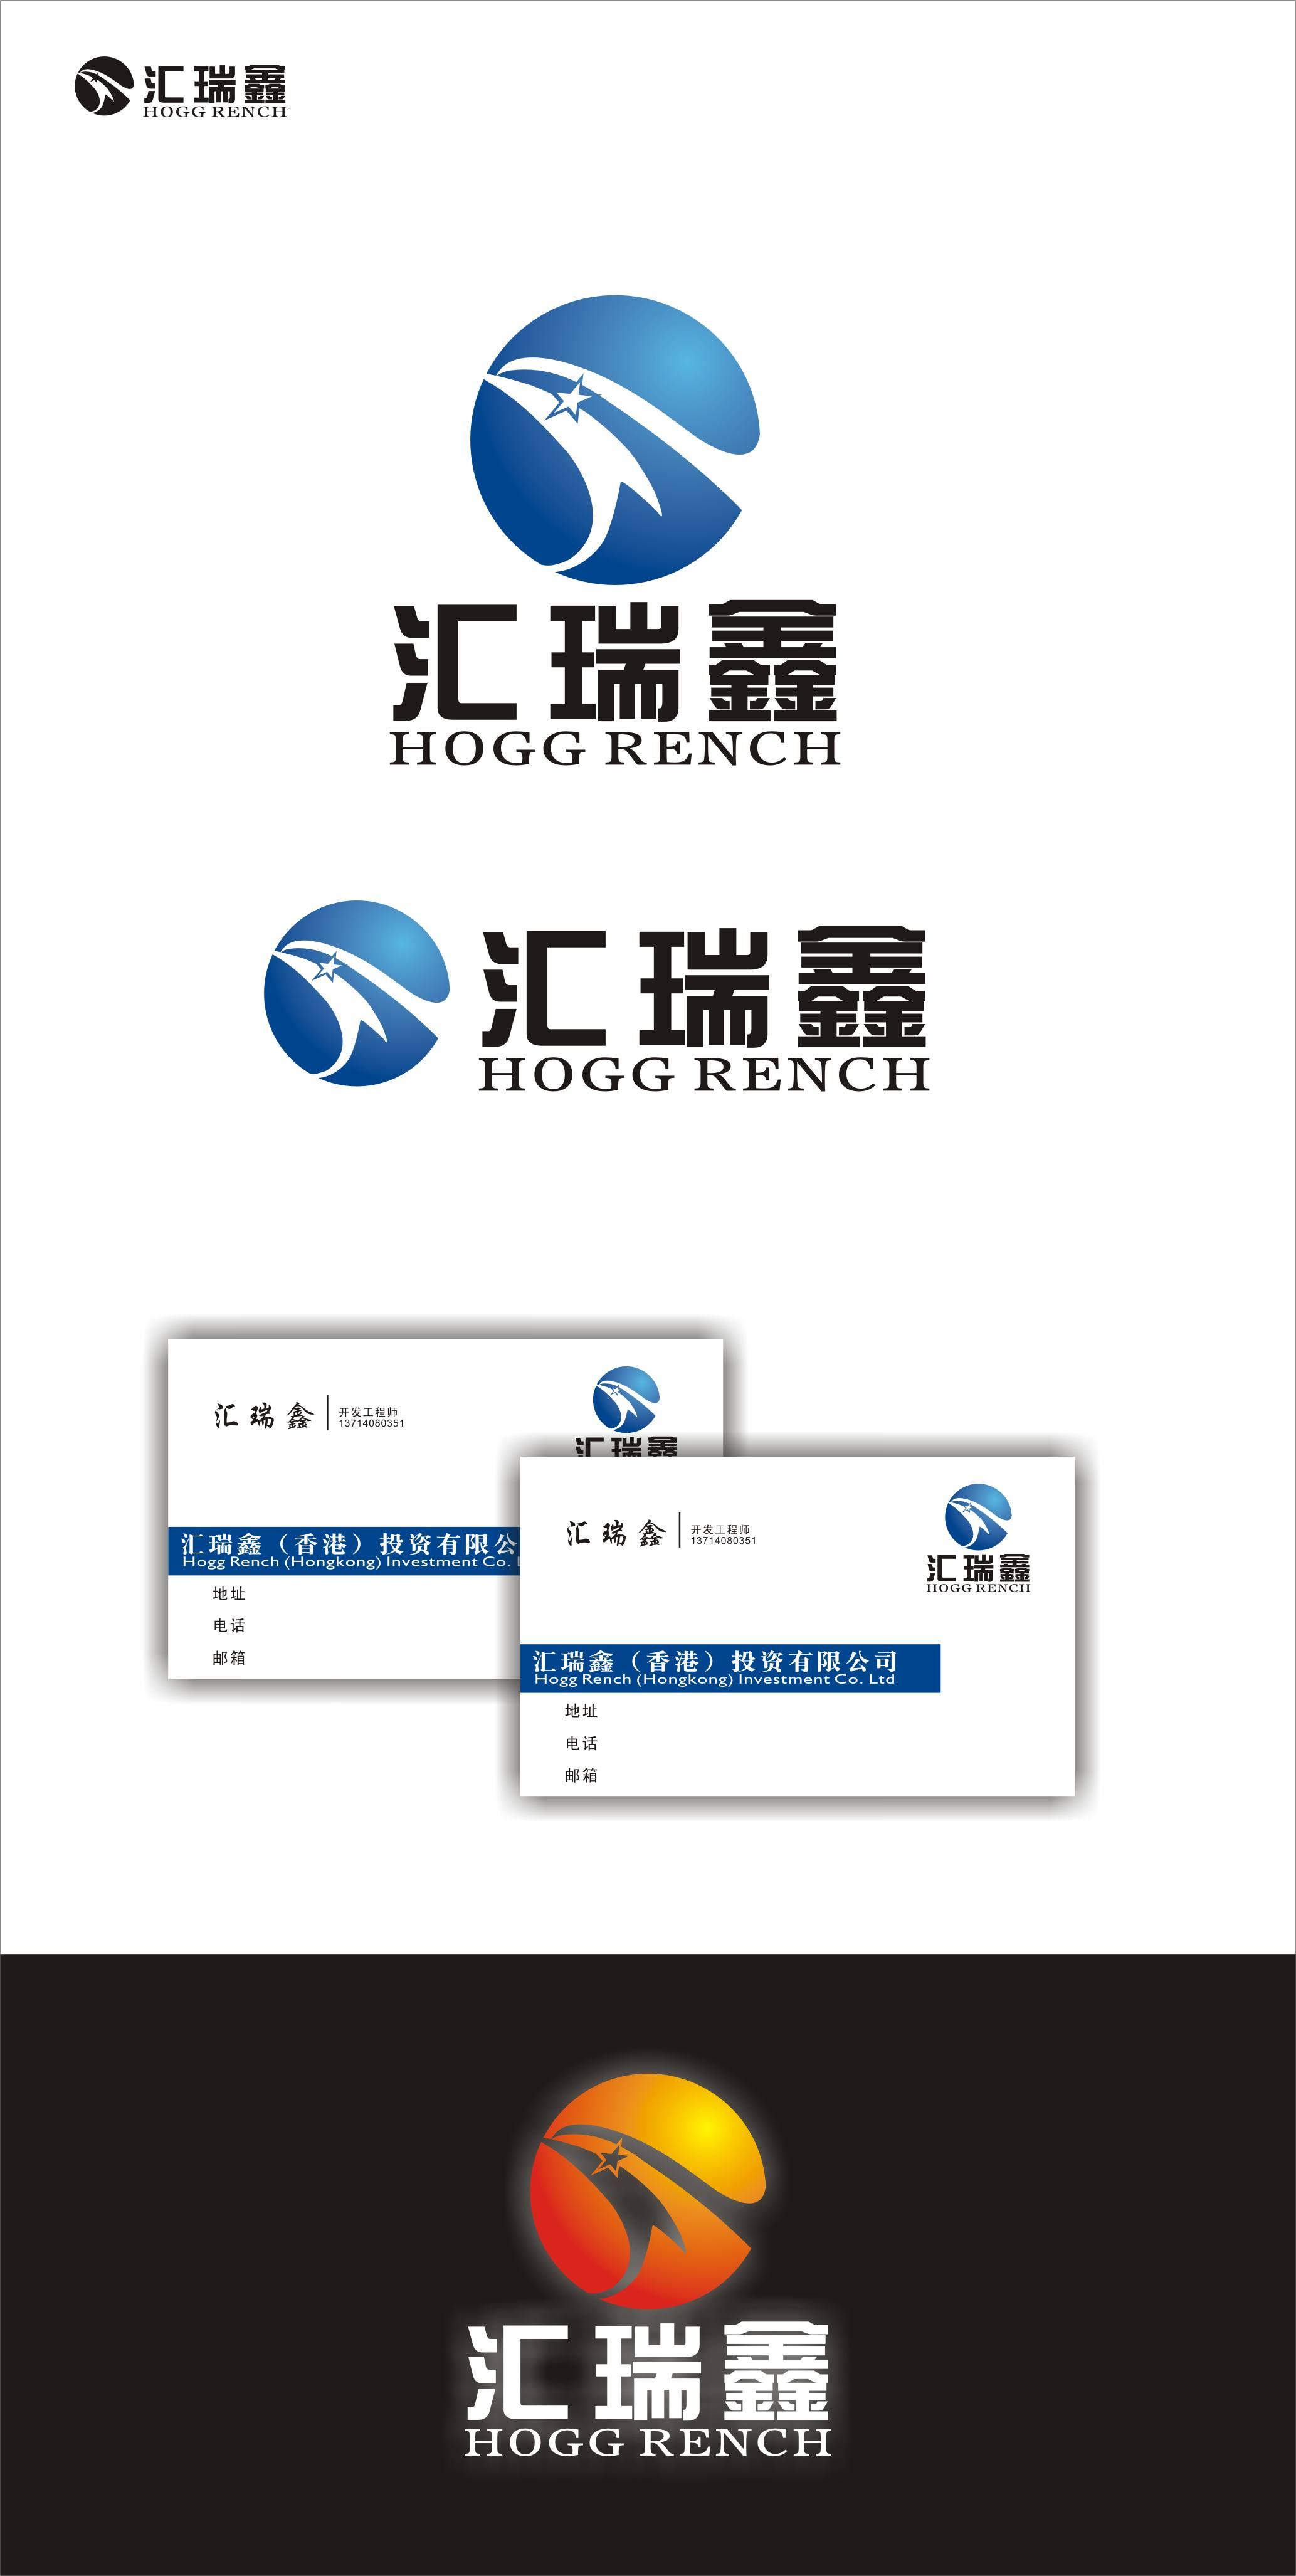 2,公司的logo如做在墙面上和资料袋上,是什么效果为好?    盼复!